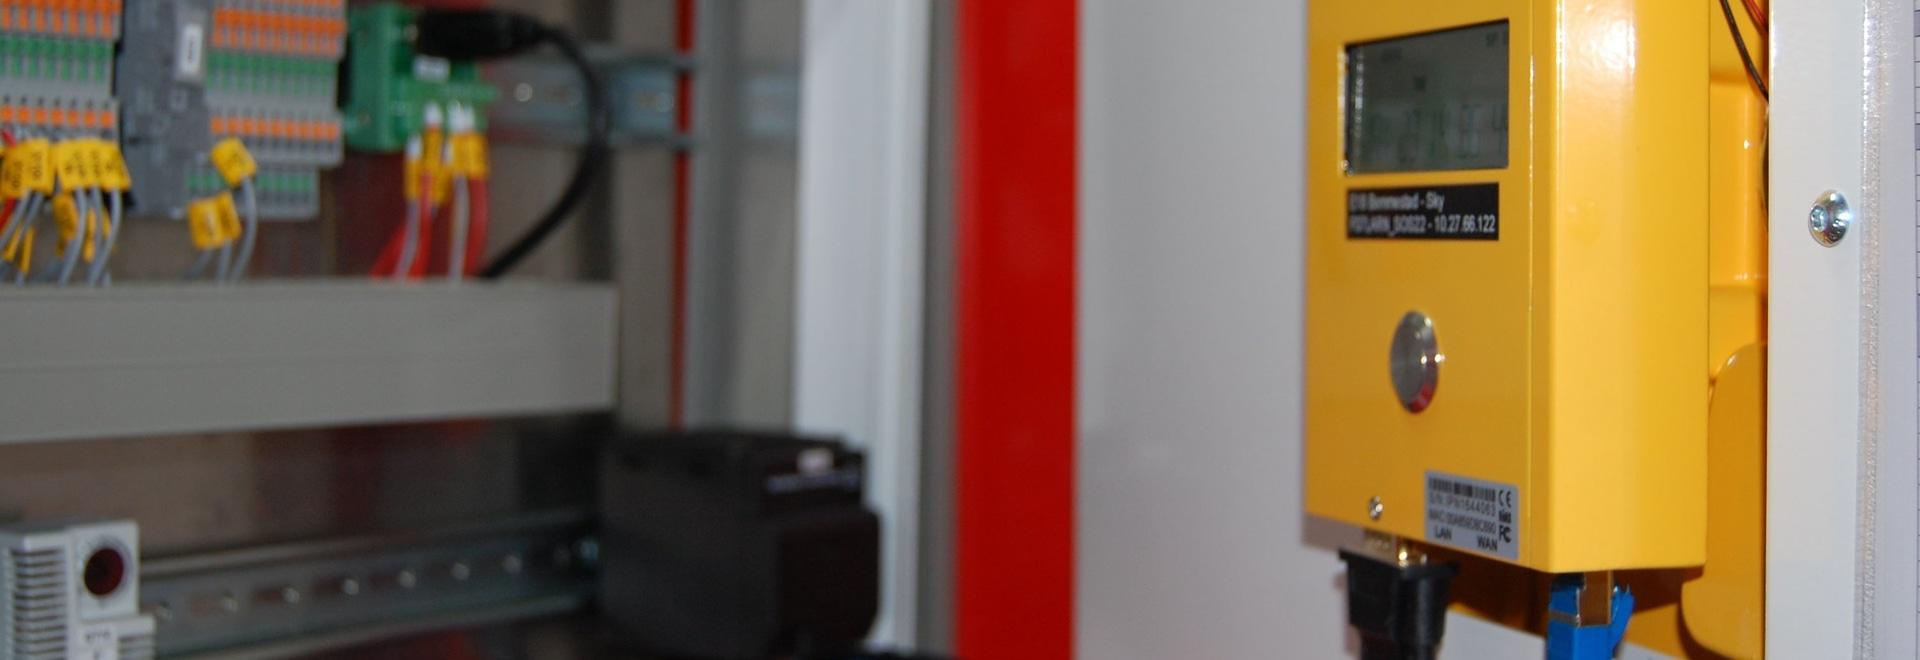 Giugno 2017 - tecnologia srl, un capo e fornitore di J&R dei sistemi di comunicazione di sicurezza e del citofono del anti-compressore, è soddisfatta di annunciare il loro ultimo sviluppo nell'audi...